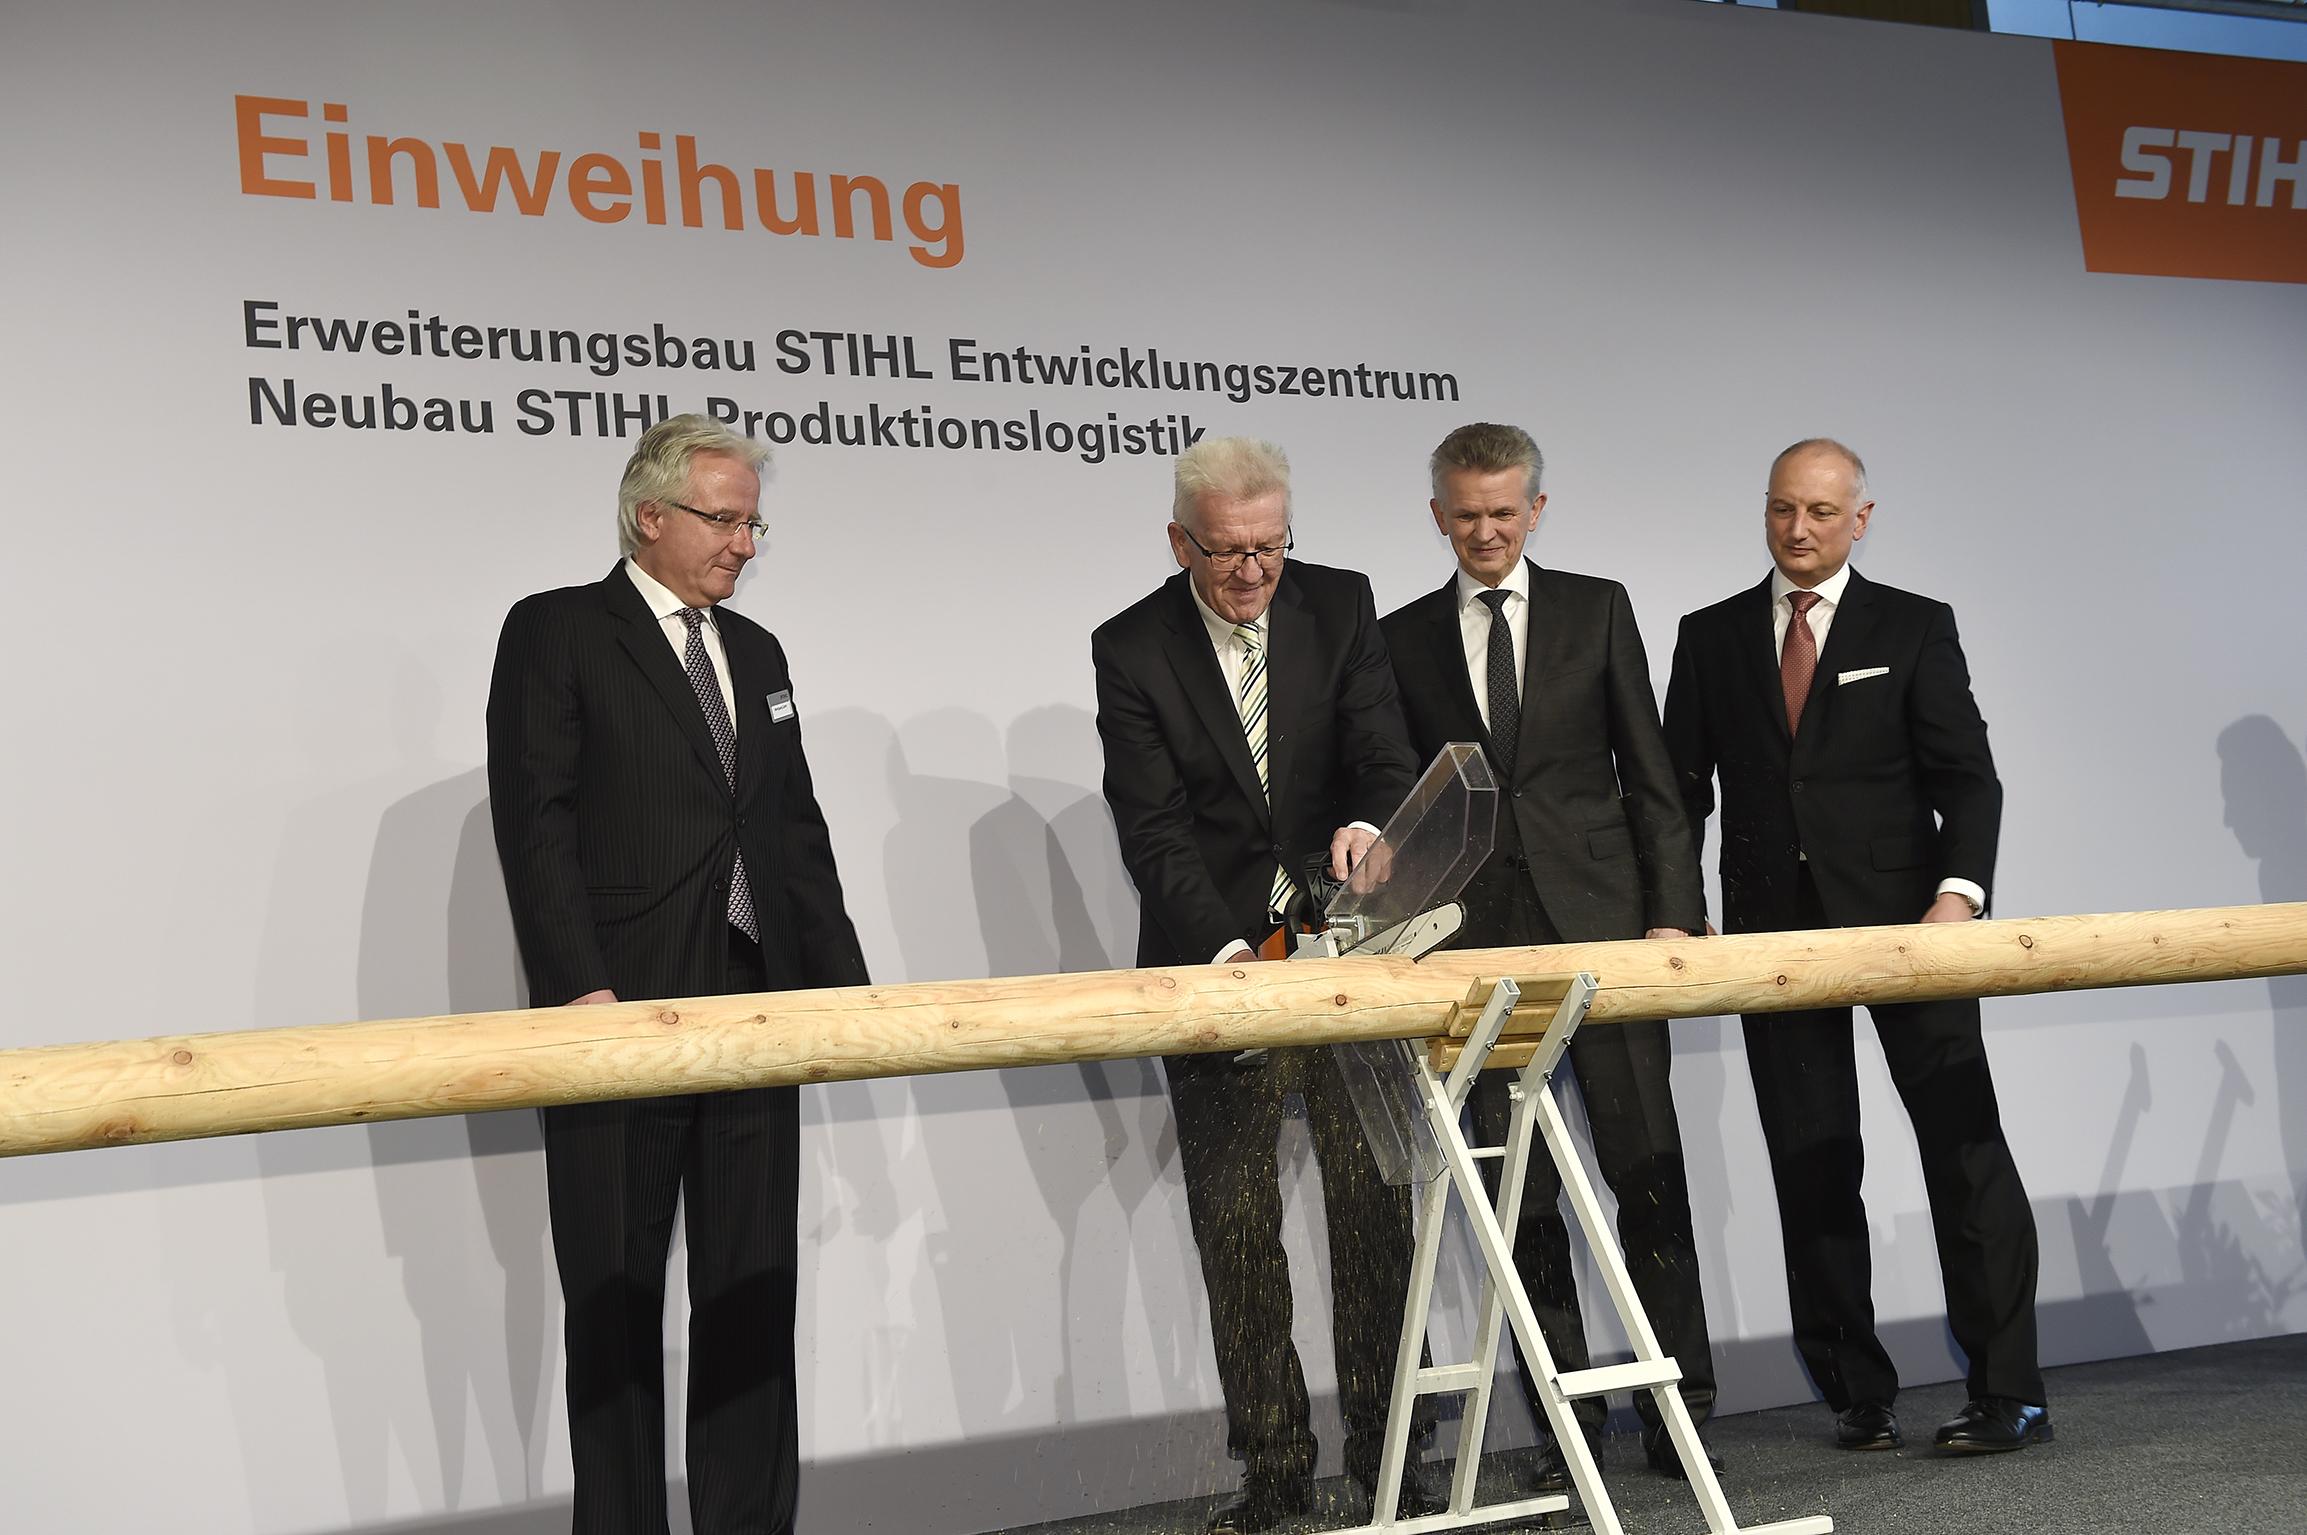 ▷ STIHL weiht Neubauten für 90 Millionen Euro ein